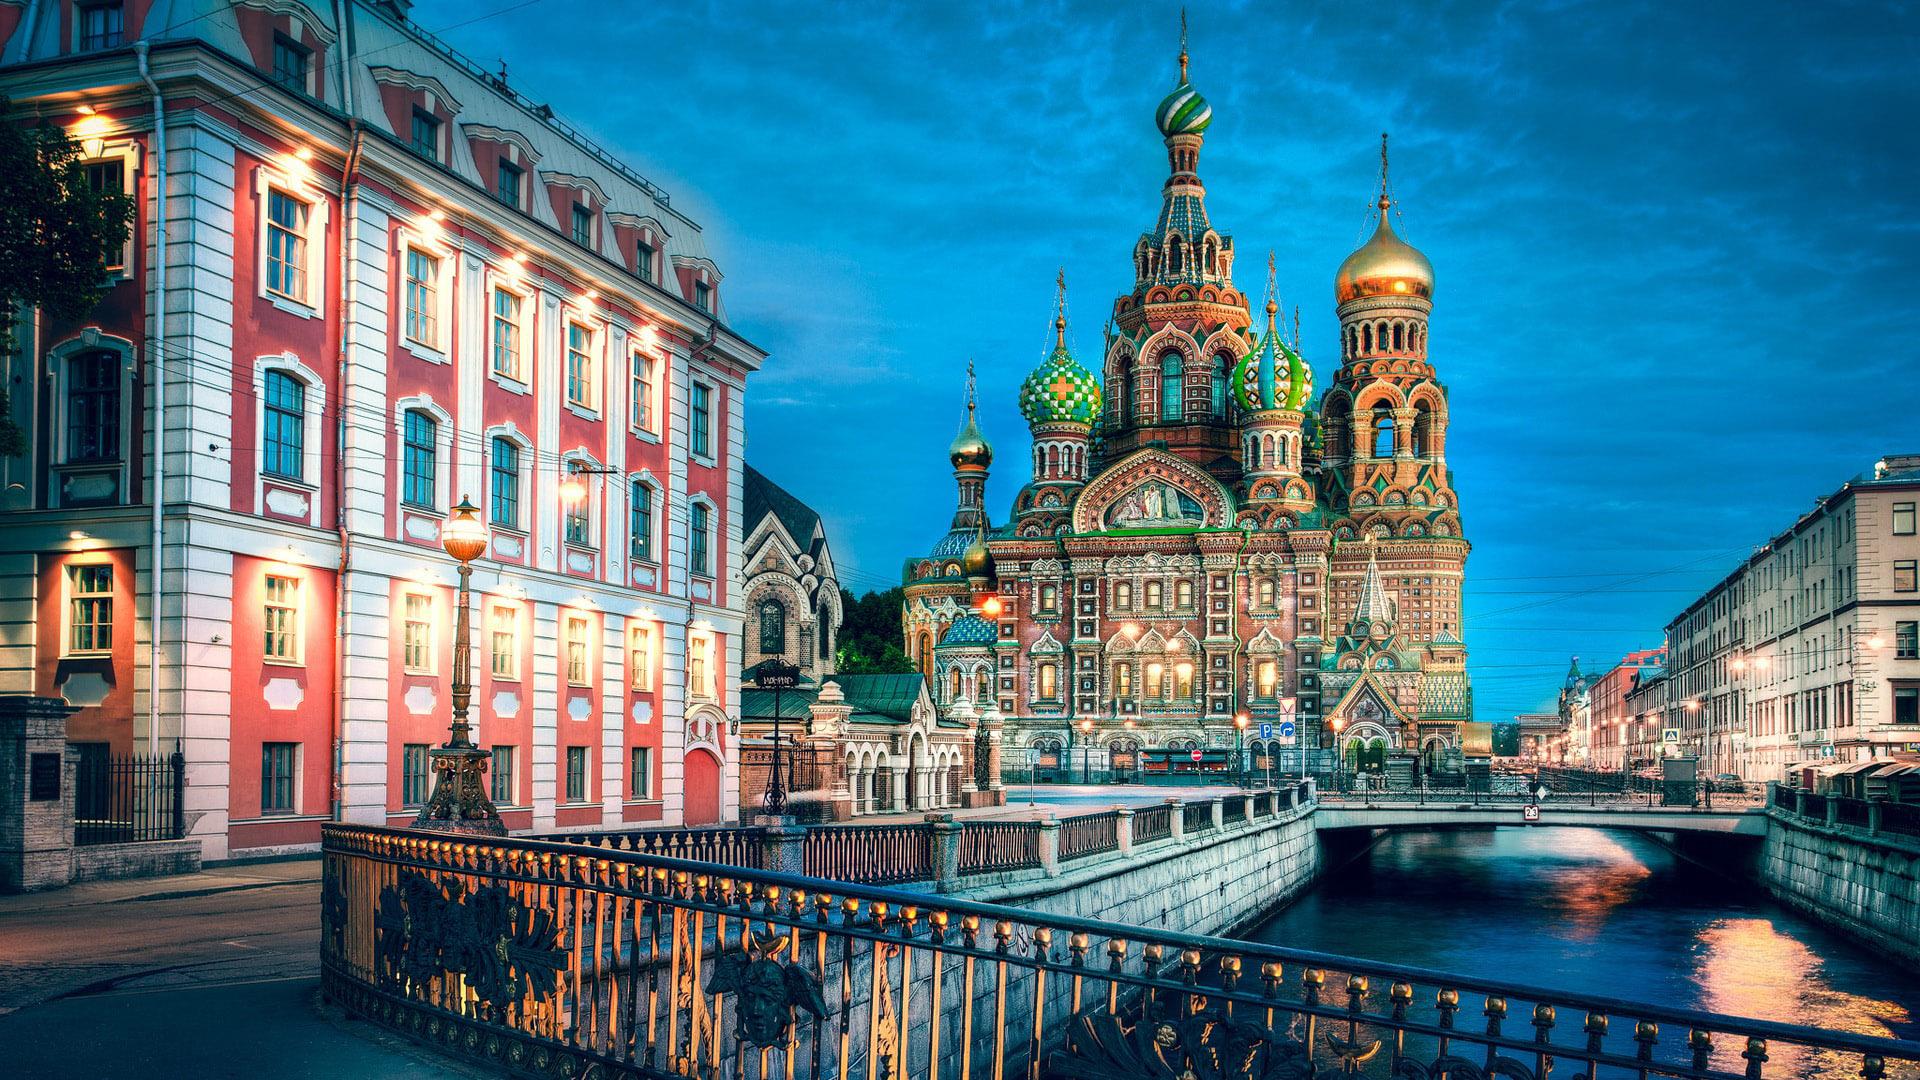 Πάσχα / Καλοκαίρι 2019 / Λευκές Νύχτες - Αγία Πετρούπολη - Μόσχα